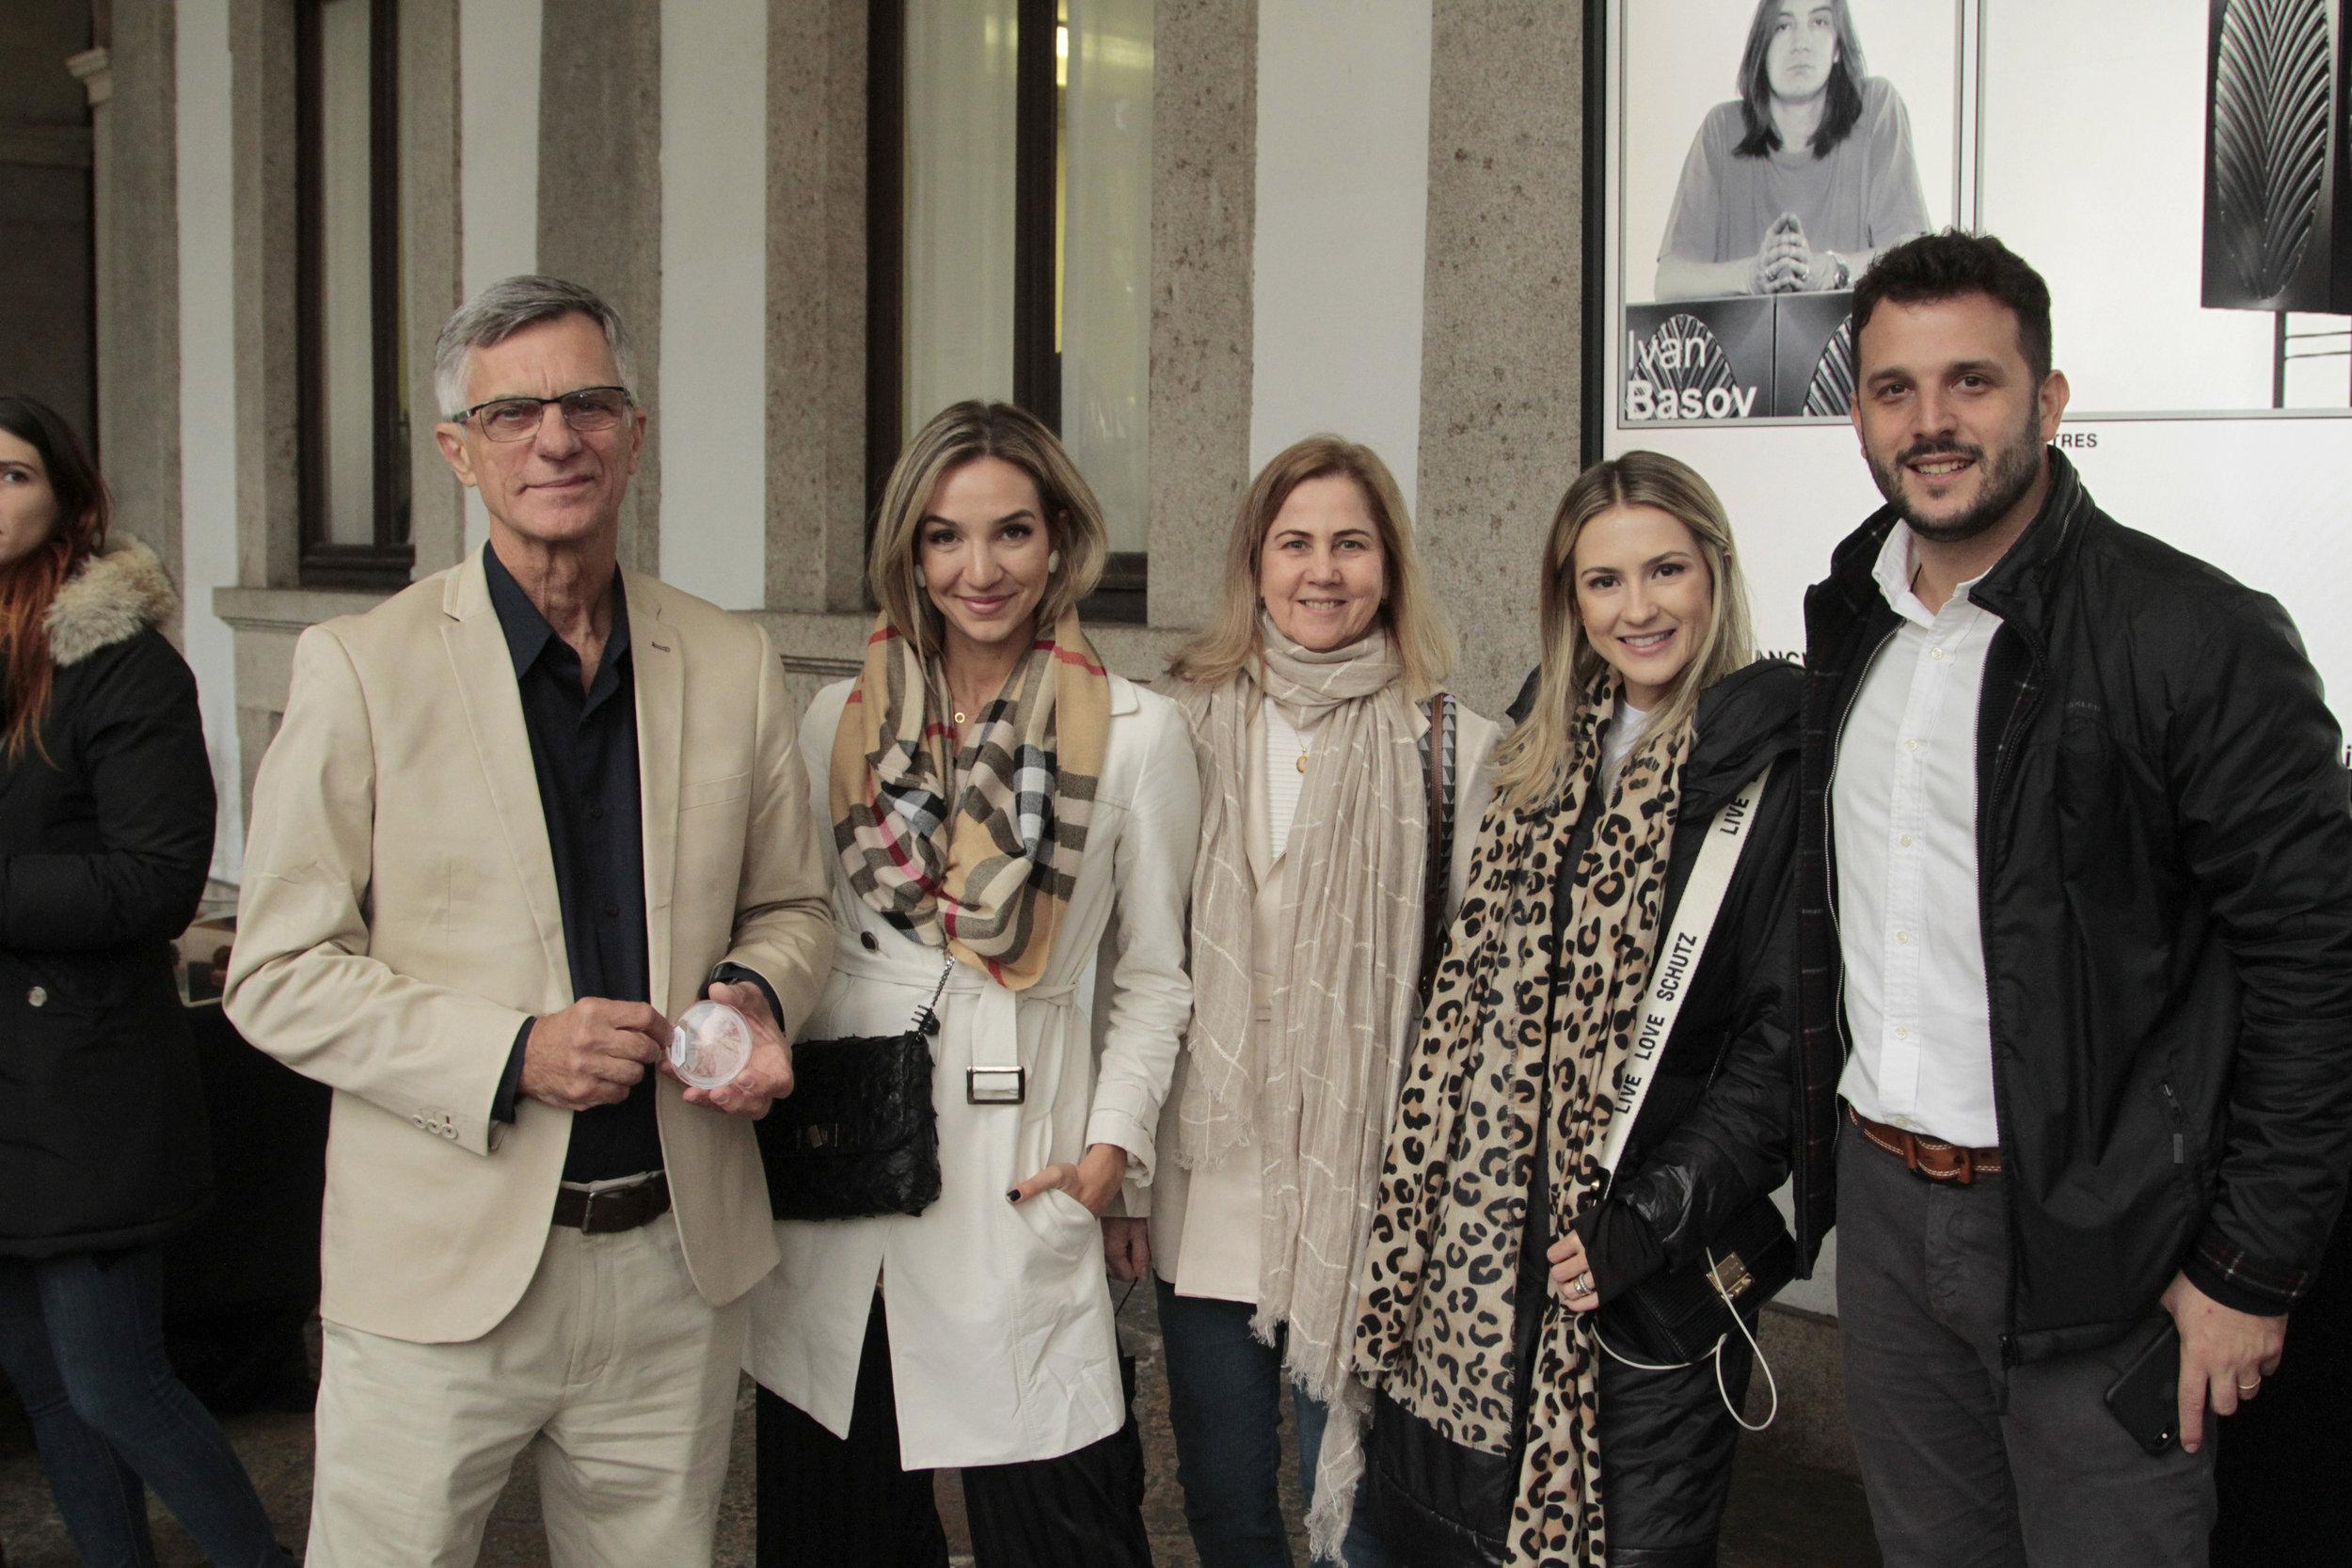 Paulo  Casate, Solana Marianelli, Deleide Baptist, Italla Monti e Lucas Chequer